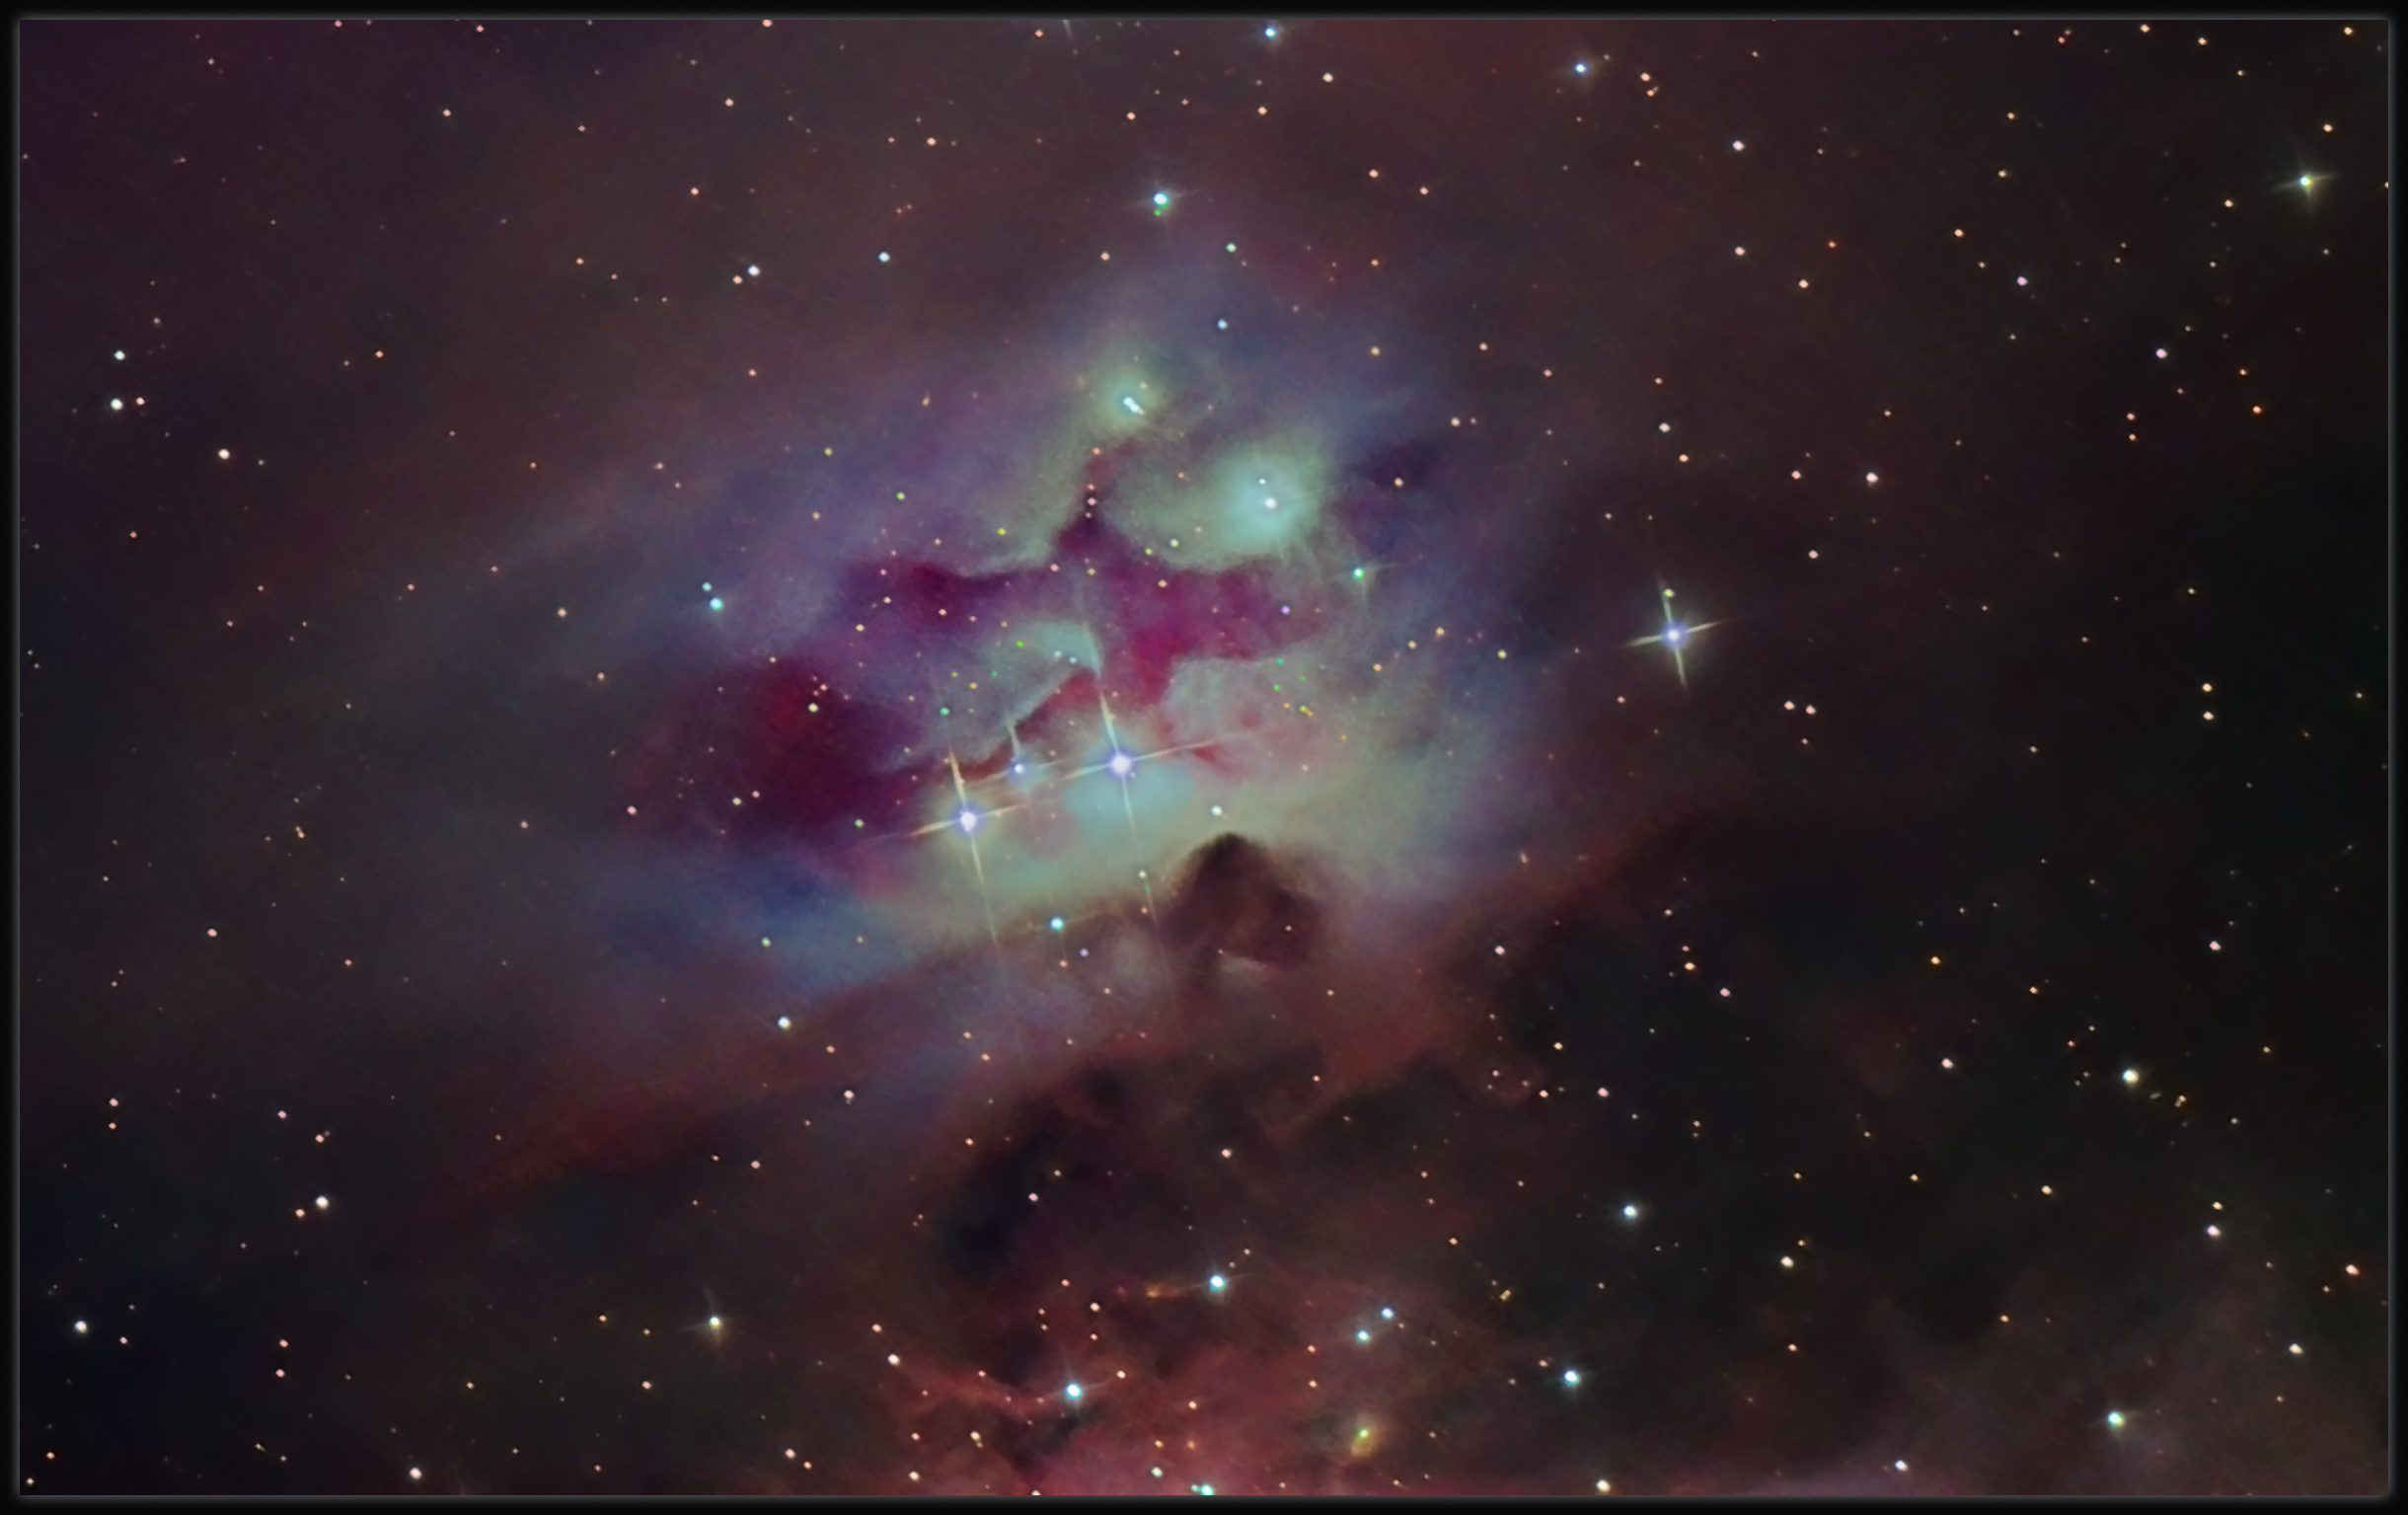 NGC 1977